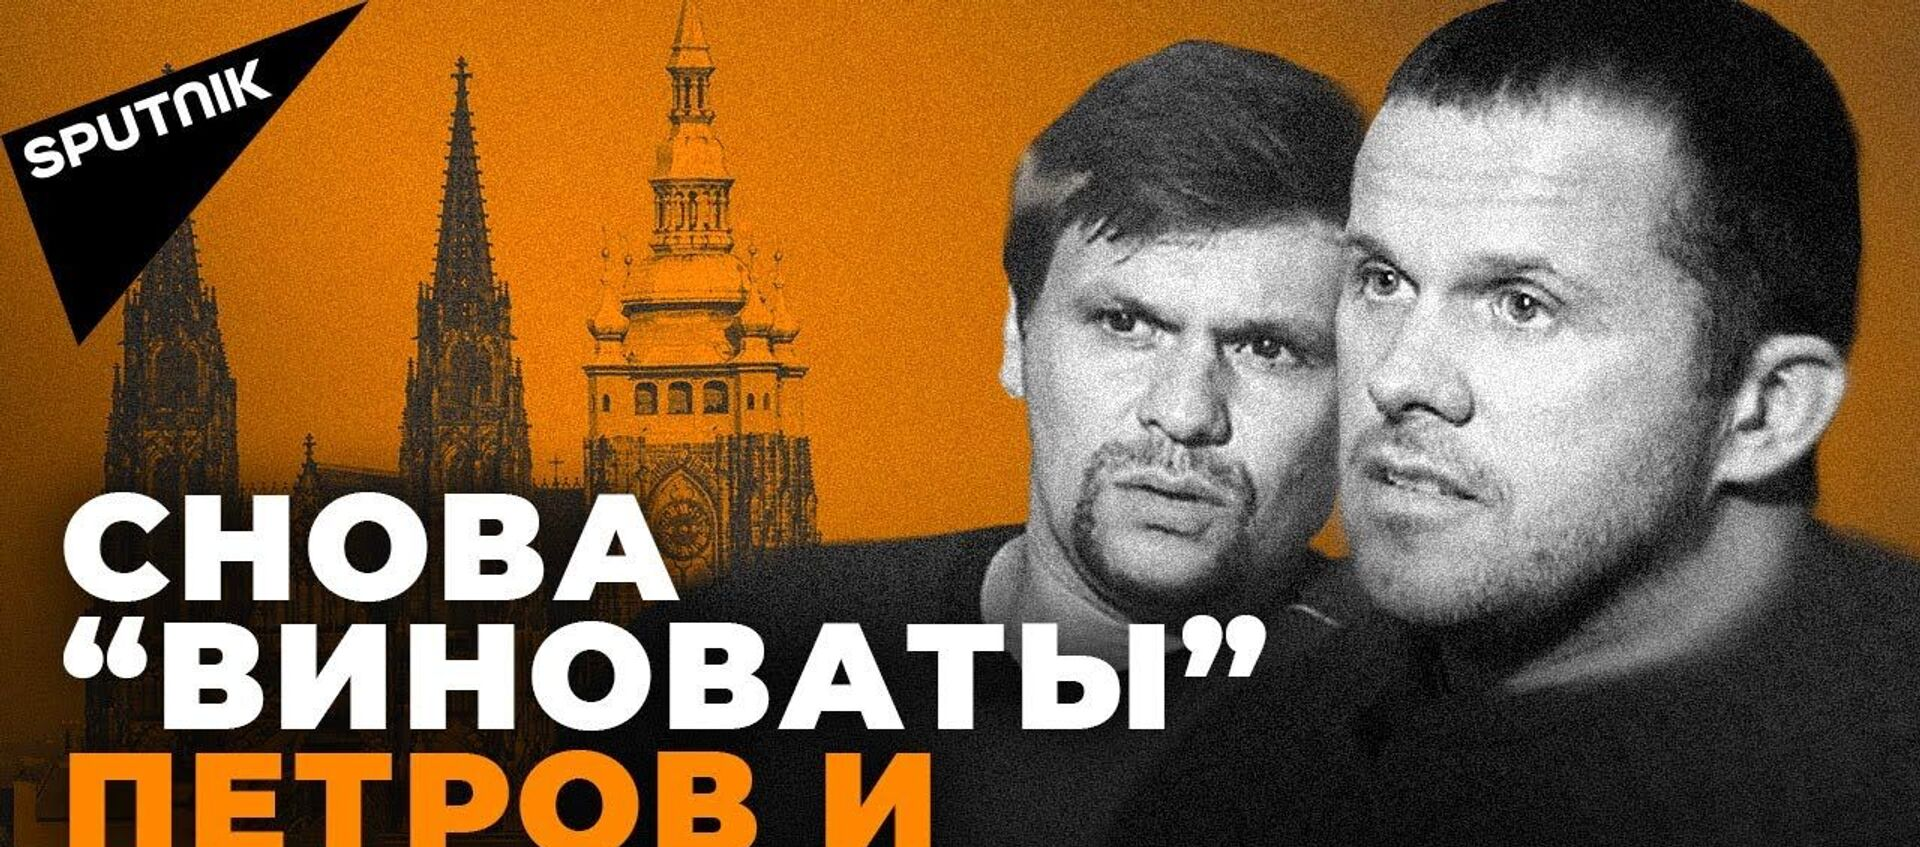 Чехия встала на путь разрушения: к чему ведет раскручиваемый ею скандал с Россией - Sputnik Латвия, 1920, 24.04.2021